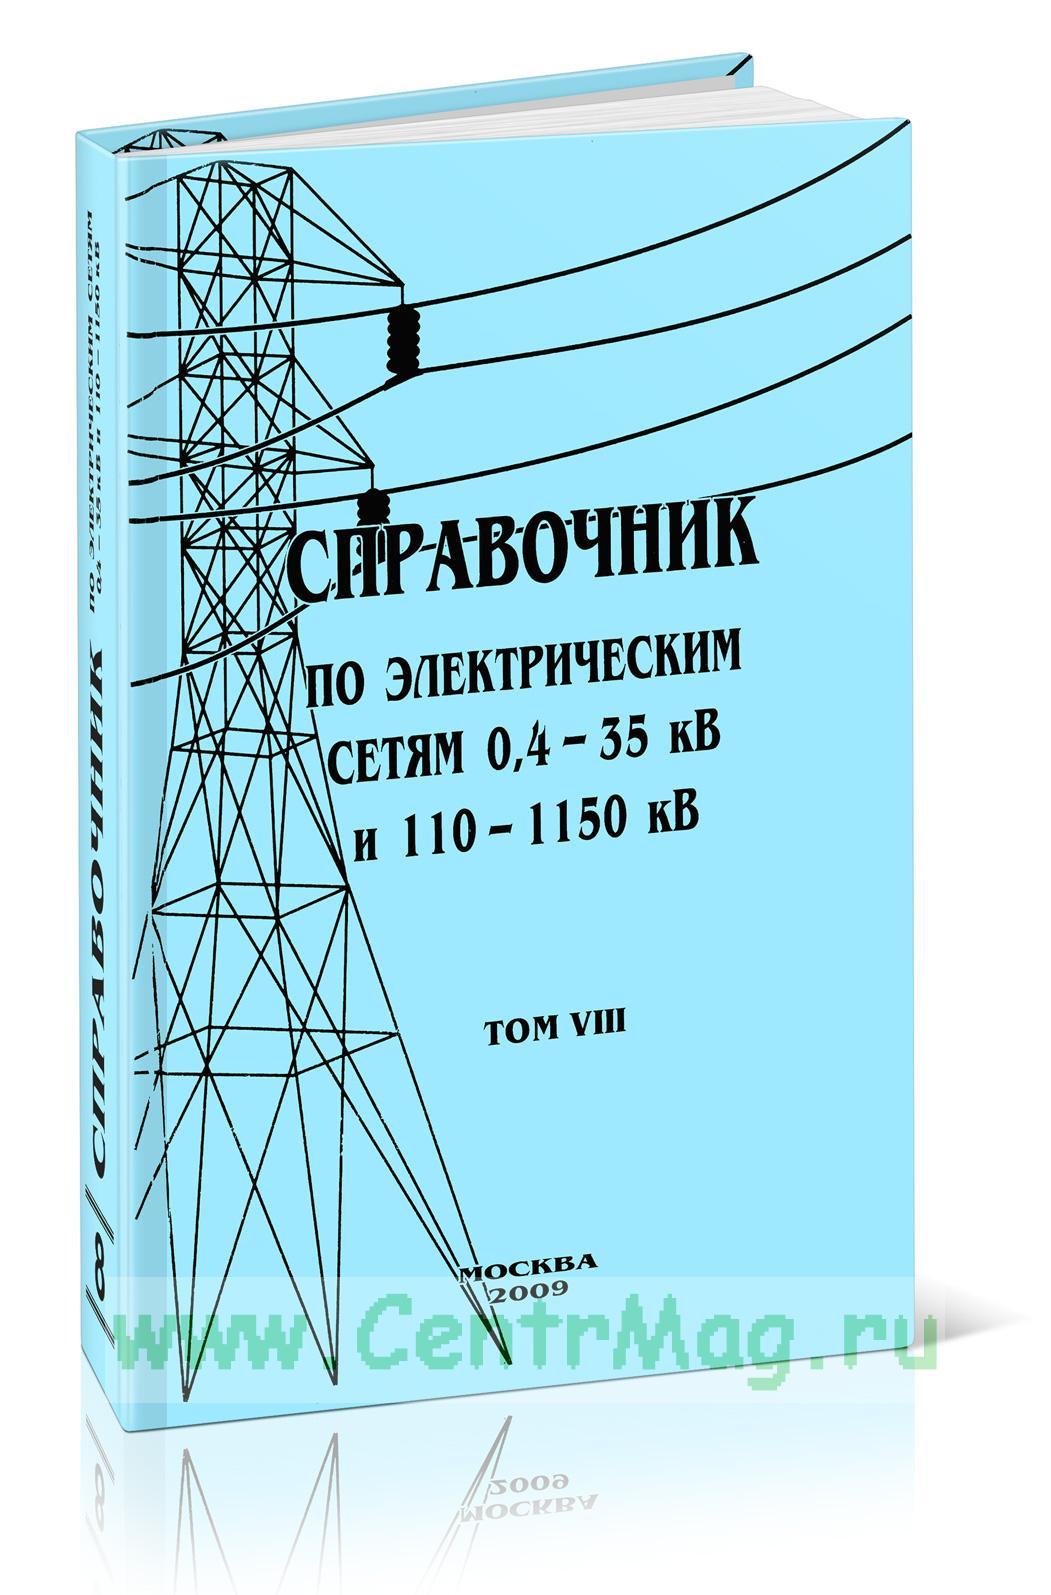 Справочник по электрическим сетям 0,4-35 кВ и 110-1150 кВ. Том VIII